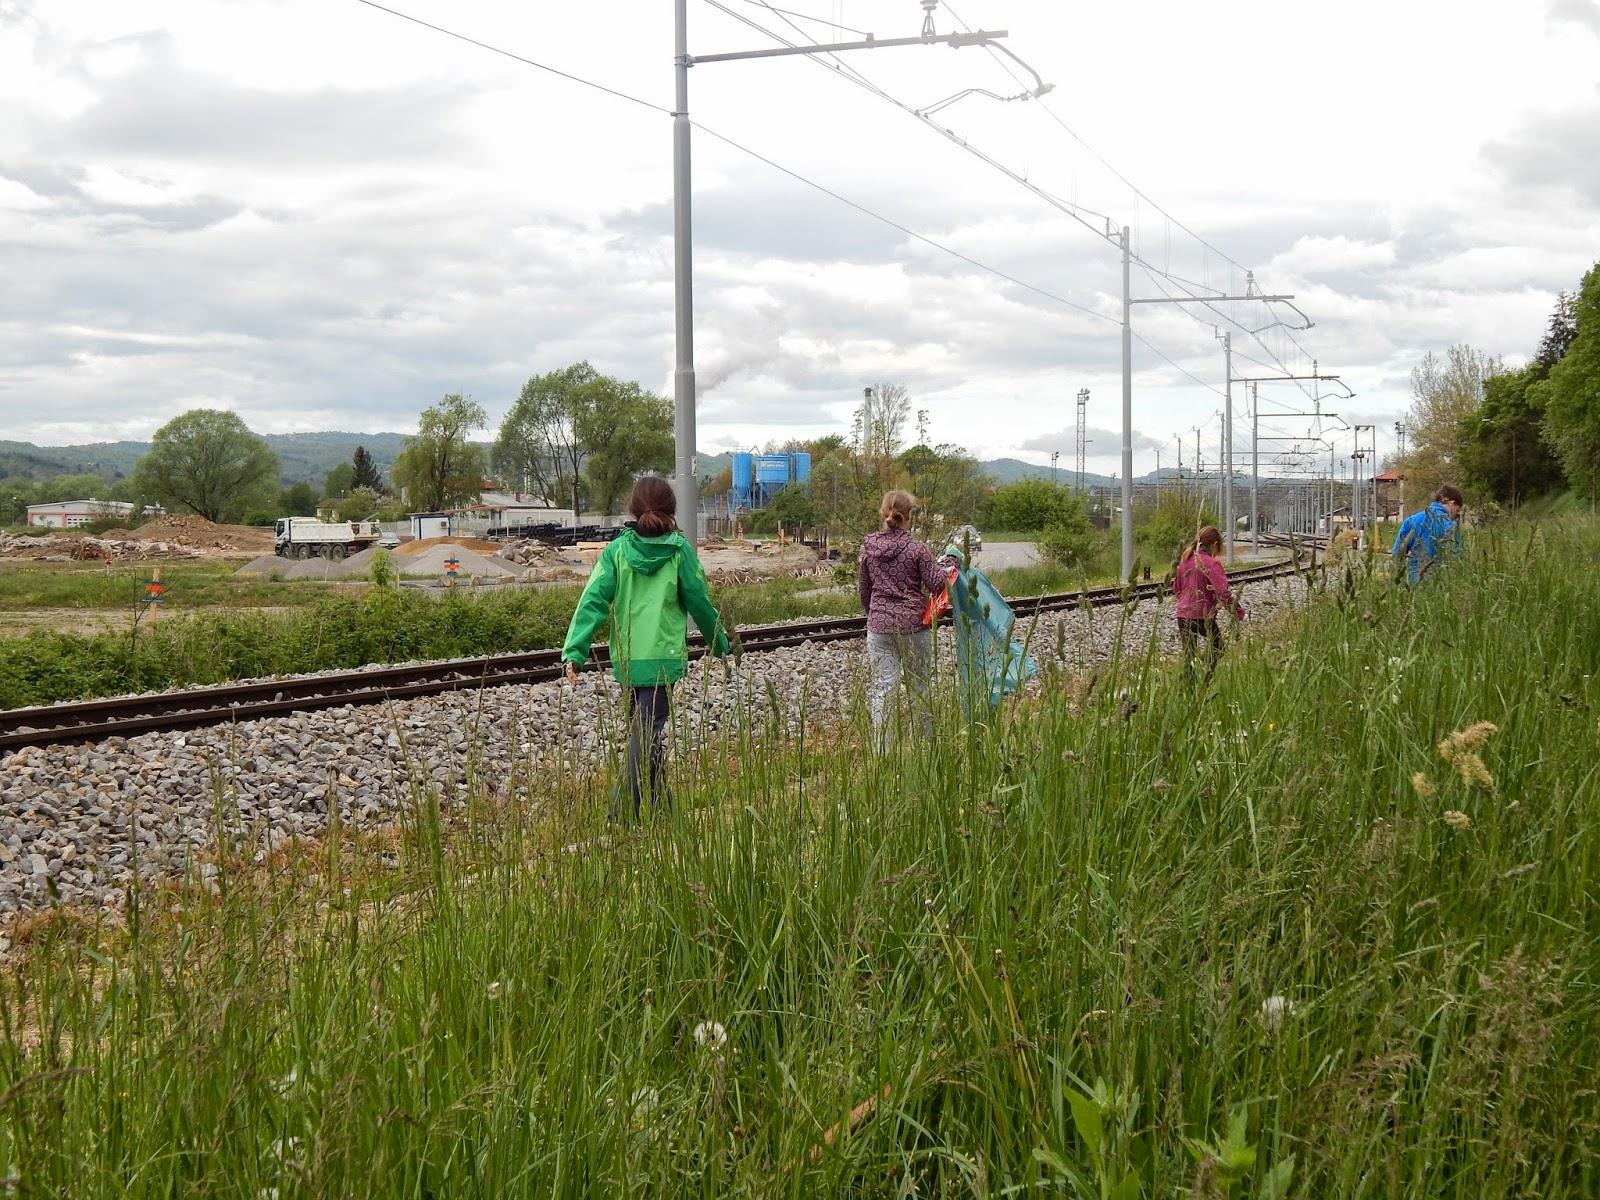 Čistilna akcija 2014, Ilirska Bistrica 2014 - DSCN1637.JPG